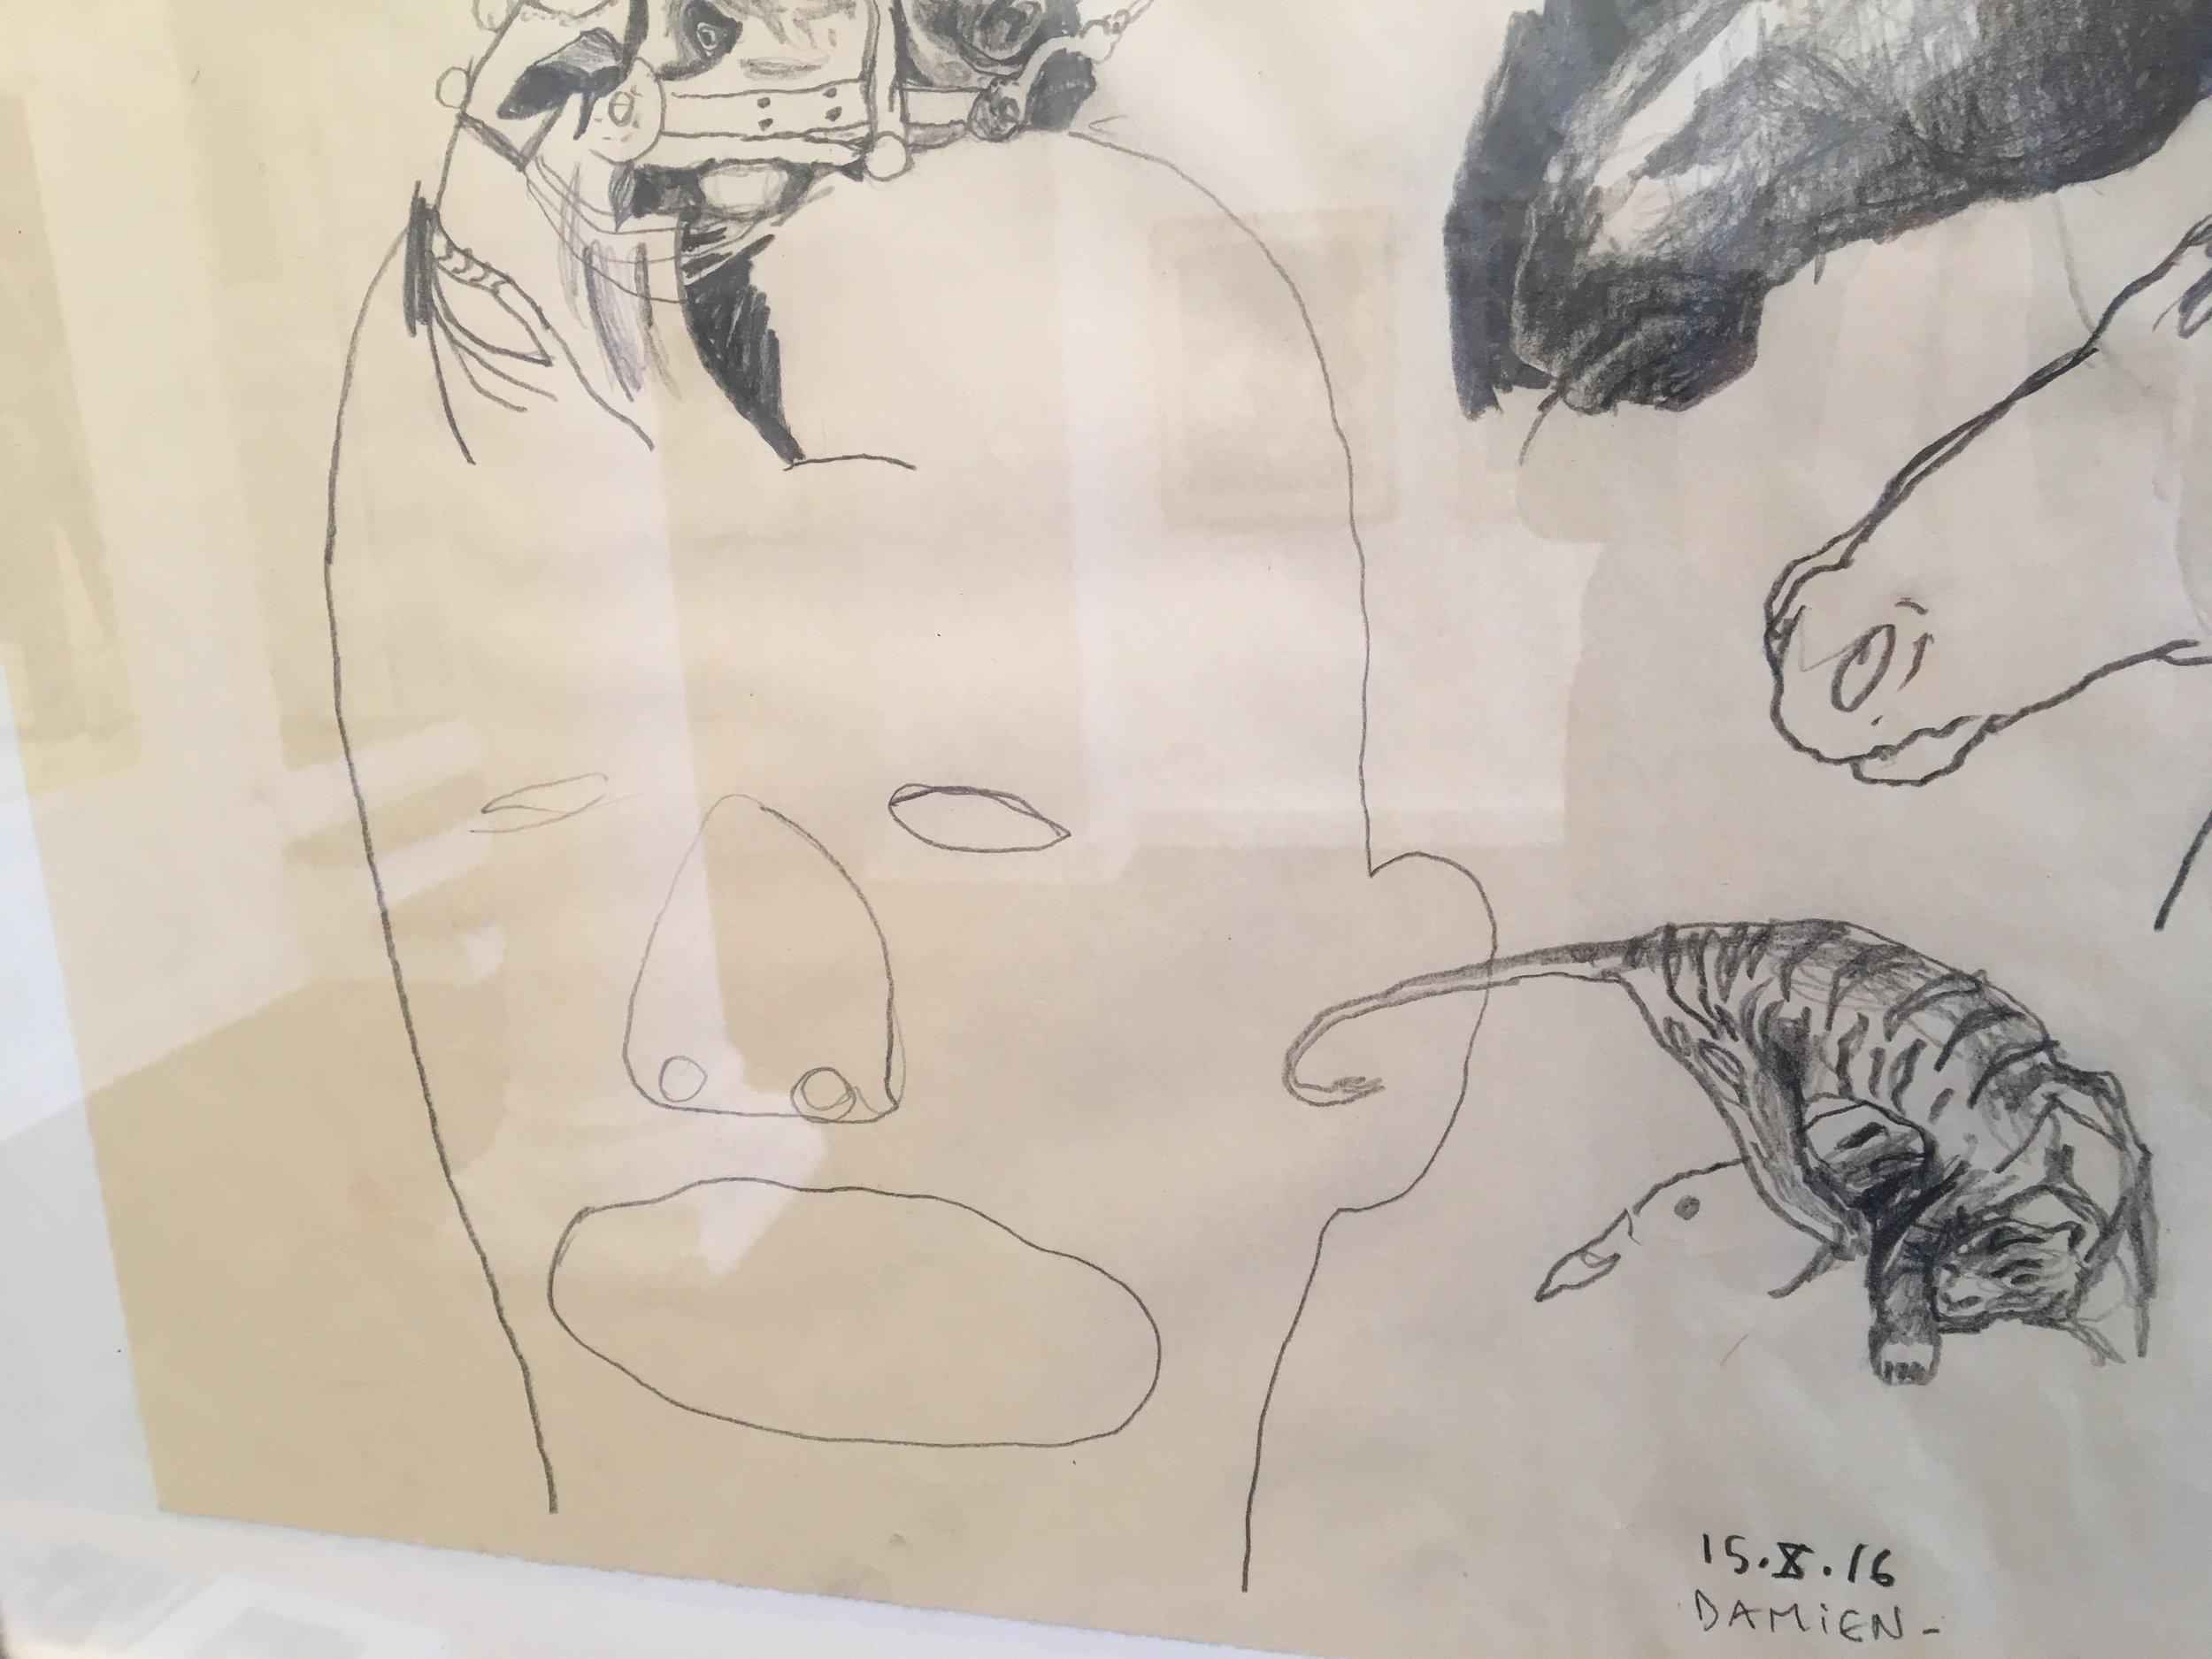 Damien Deroubaix viste tegninger og noe som lignet på tresnitt i et galleri som var ubemannet. Eller det satt noen på bakrommet, men de var ikke interessert i å vise fram kunsten sin. Så..